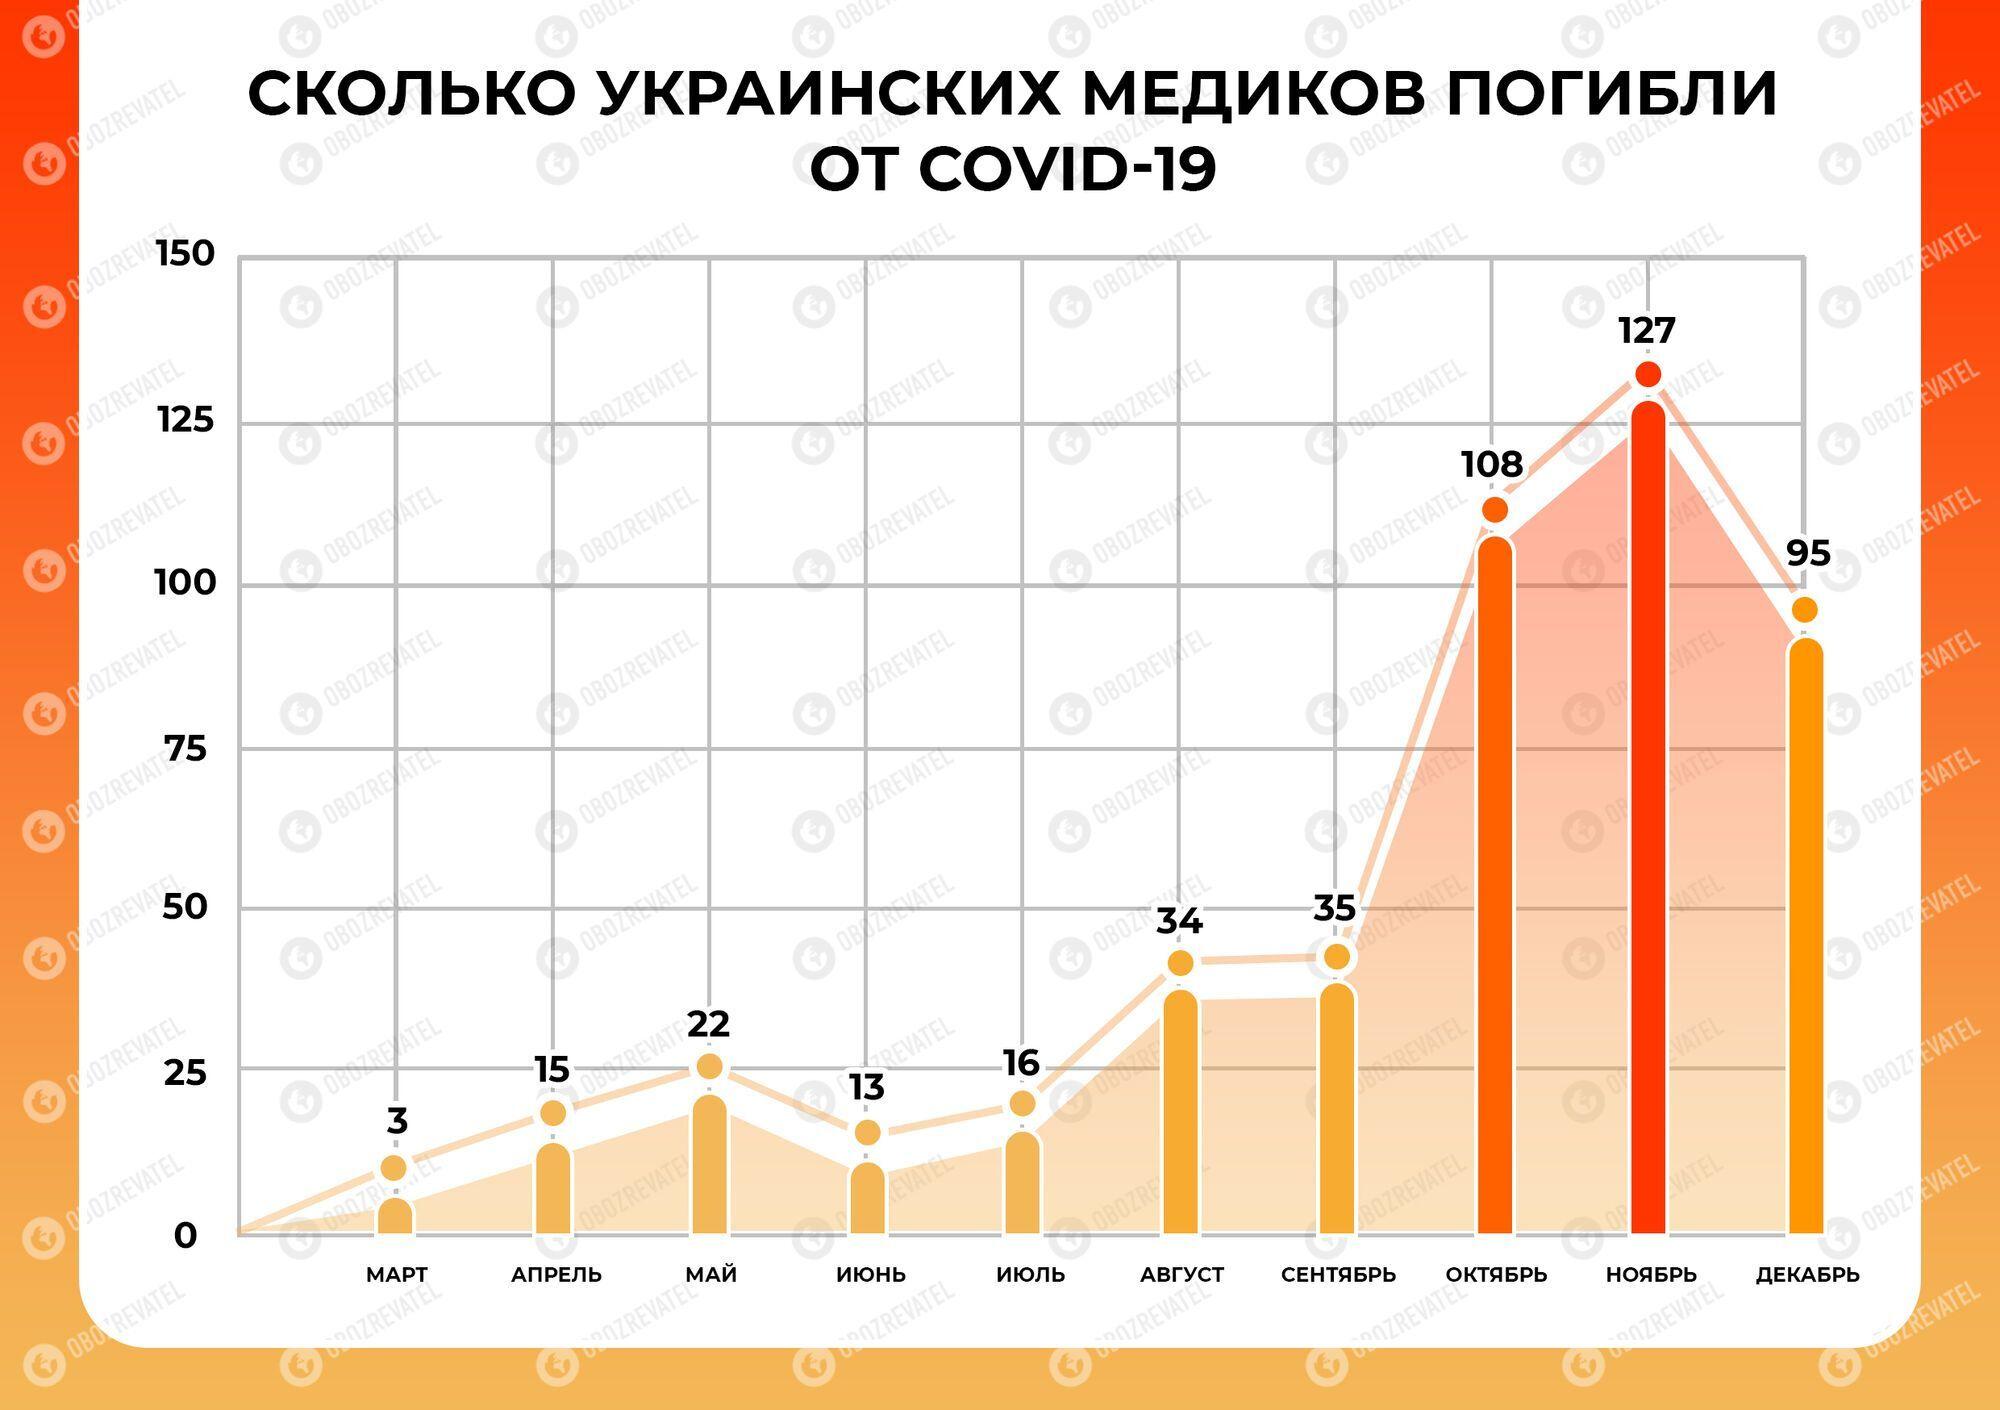 Кількість смертей медиків в Україні злетіла в 42 рази! Хто за це відповість